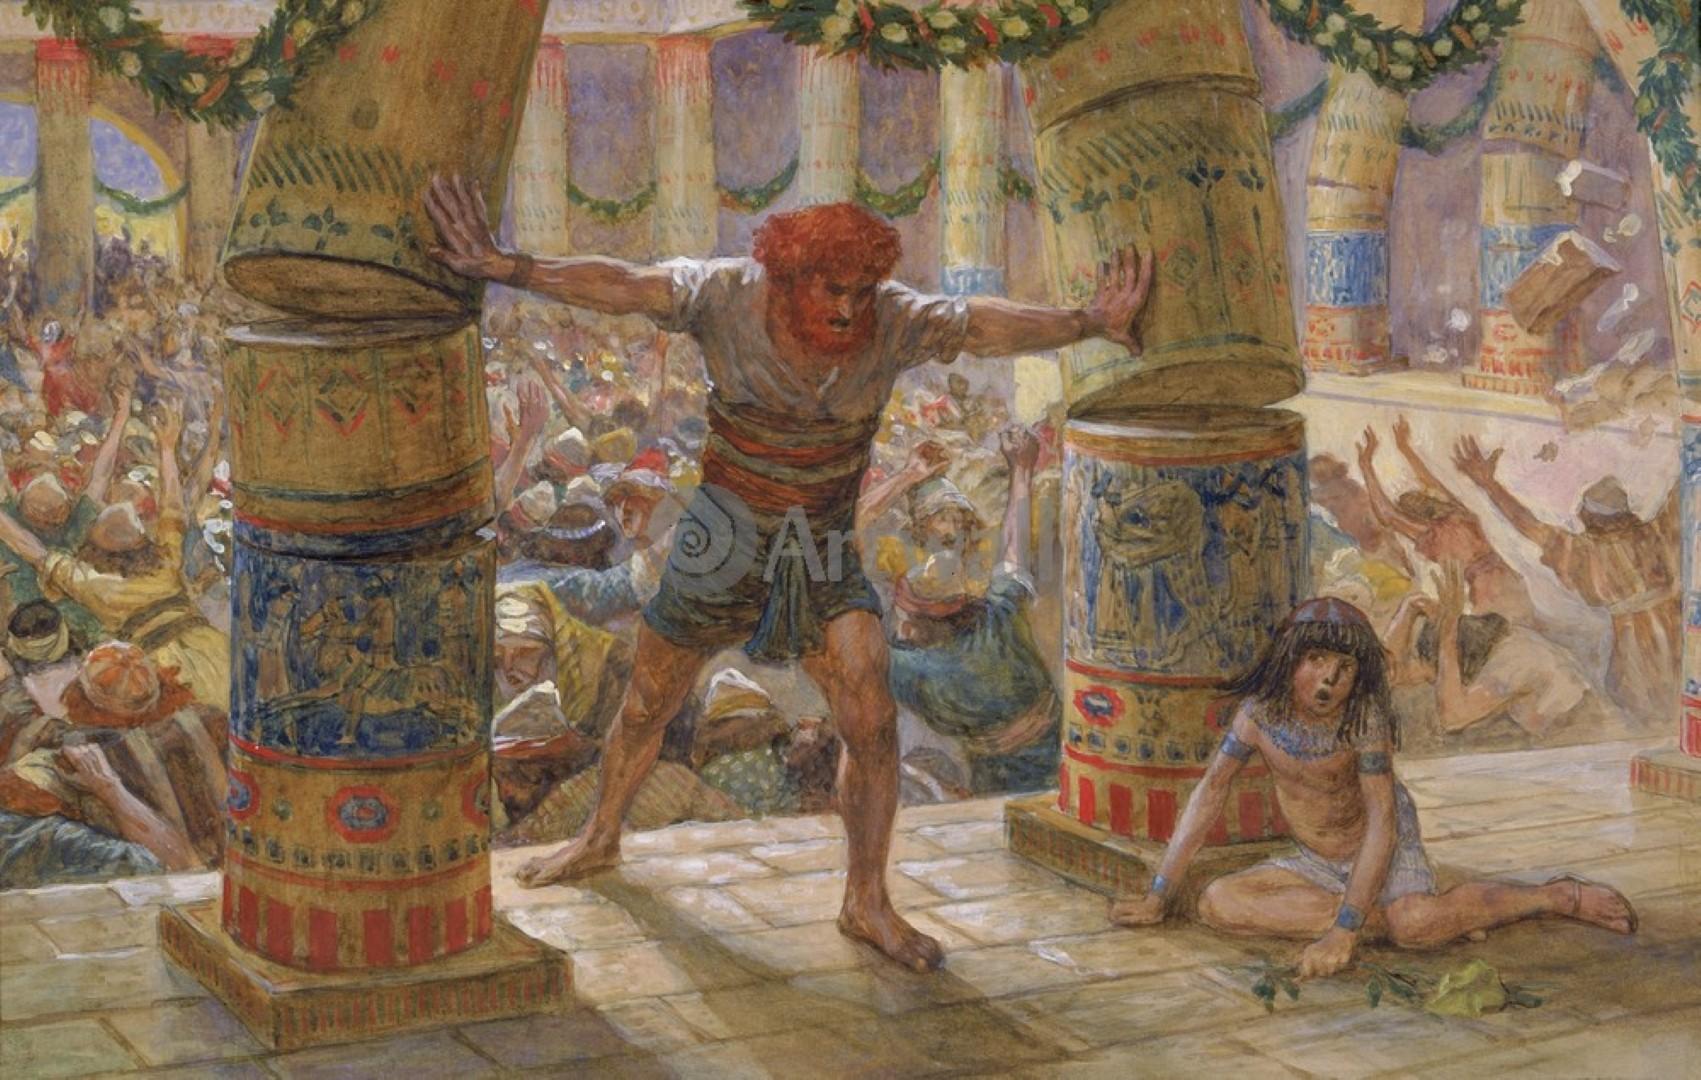 1662-0-Tisso-dzheyms-illyustracii-k-vethomu-zavetu-kartina-samson-rushit-kolonny (Large)